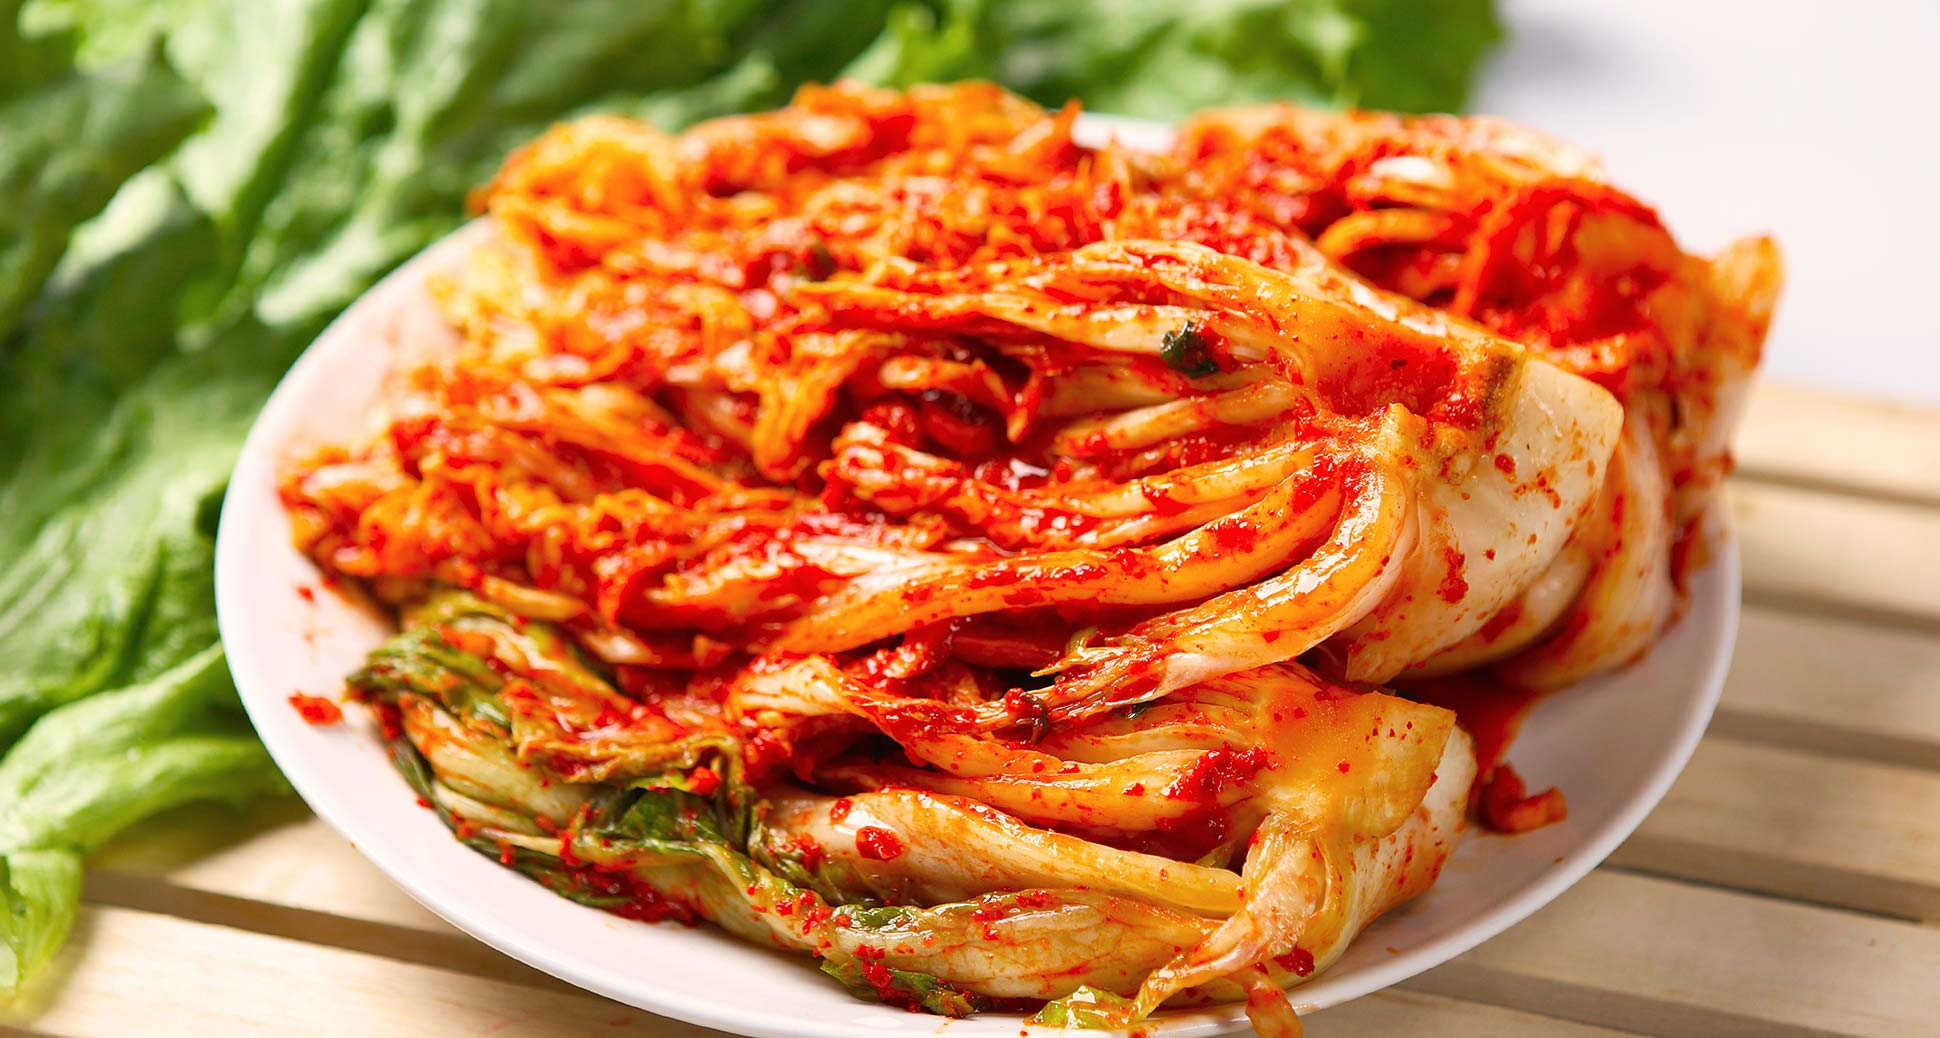 SUra-Korean-Cuisine-Koreas-Greatest-Food-Kimchi-Blog.jpg